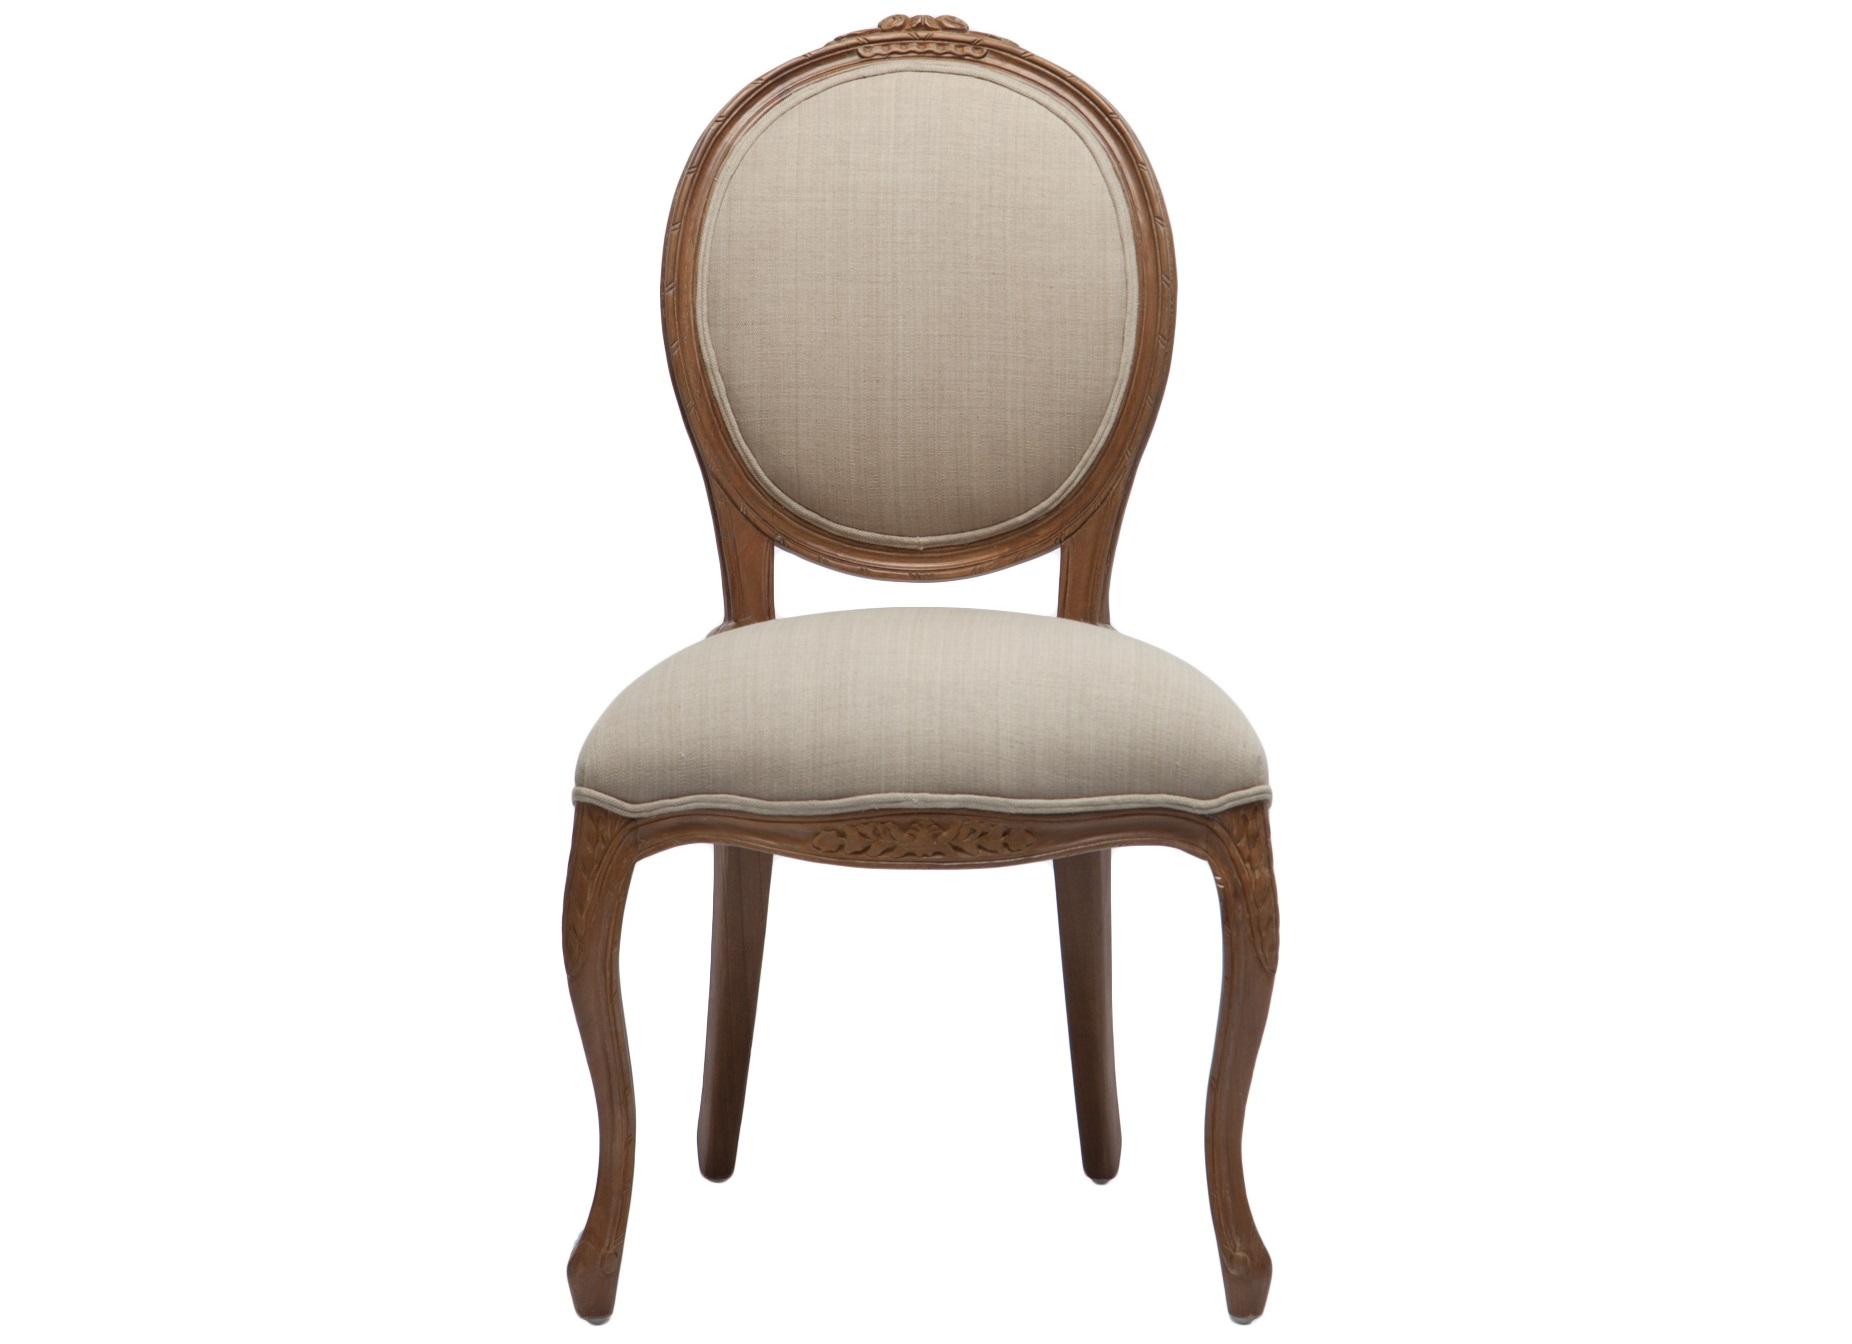 Стул СелинОбеденные стулья<br>Стул с круглой спинкой-медальон из дерева минди, декорирован резьбой.&amp;amp;nbsp;<br><br>Material: Хлопок<br>Ширина см: 62<br>Высота см: 96<br>Глубина см: 53